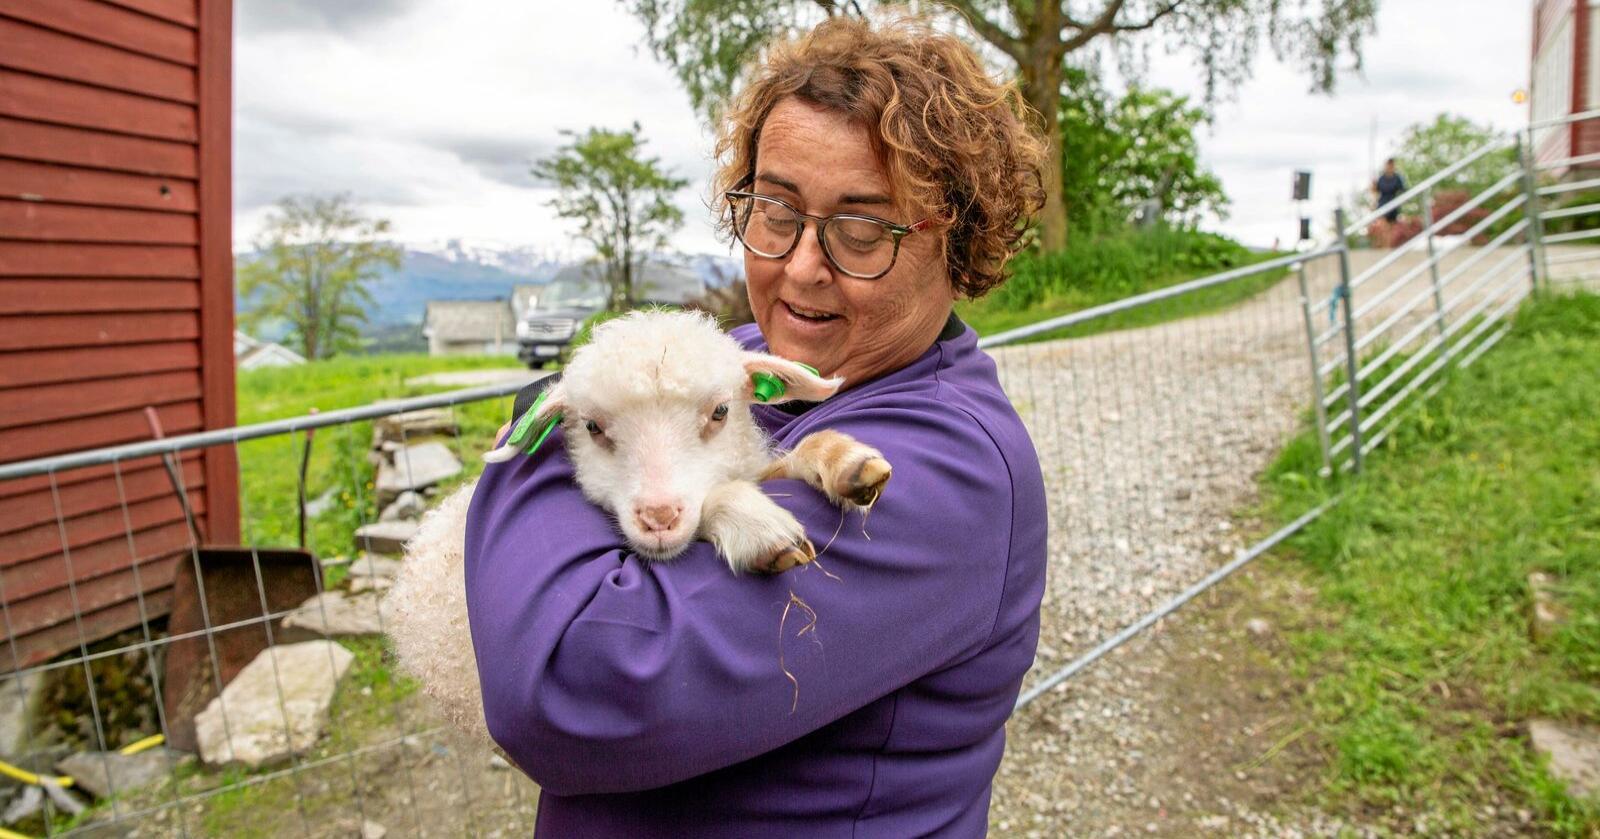 Må spørje seg sjølv: Landbruksminister Olaug Bollestad må spørje seg kva interesser ho meiner skal liggje til grunn for marknadsregulering av jordbruksvarer. Foto: Kari Nygard Tvilde